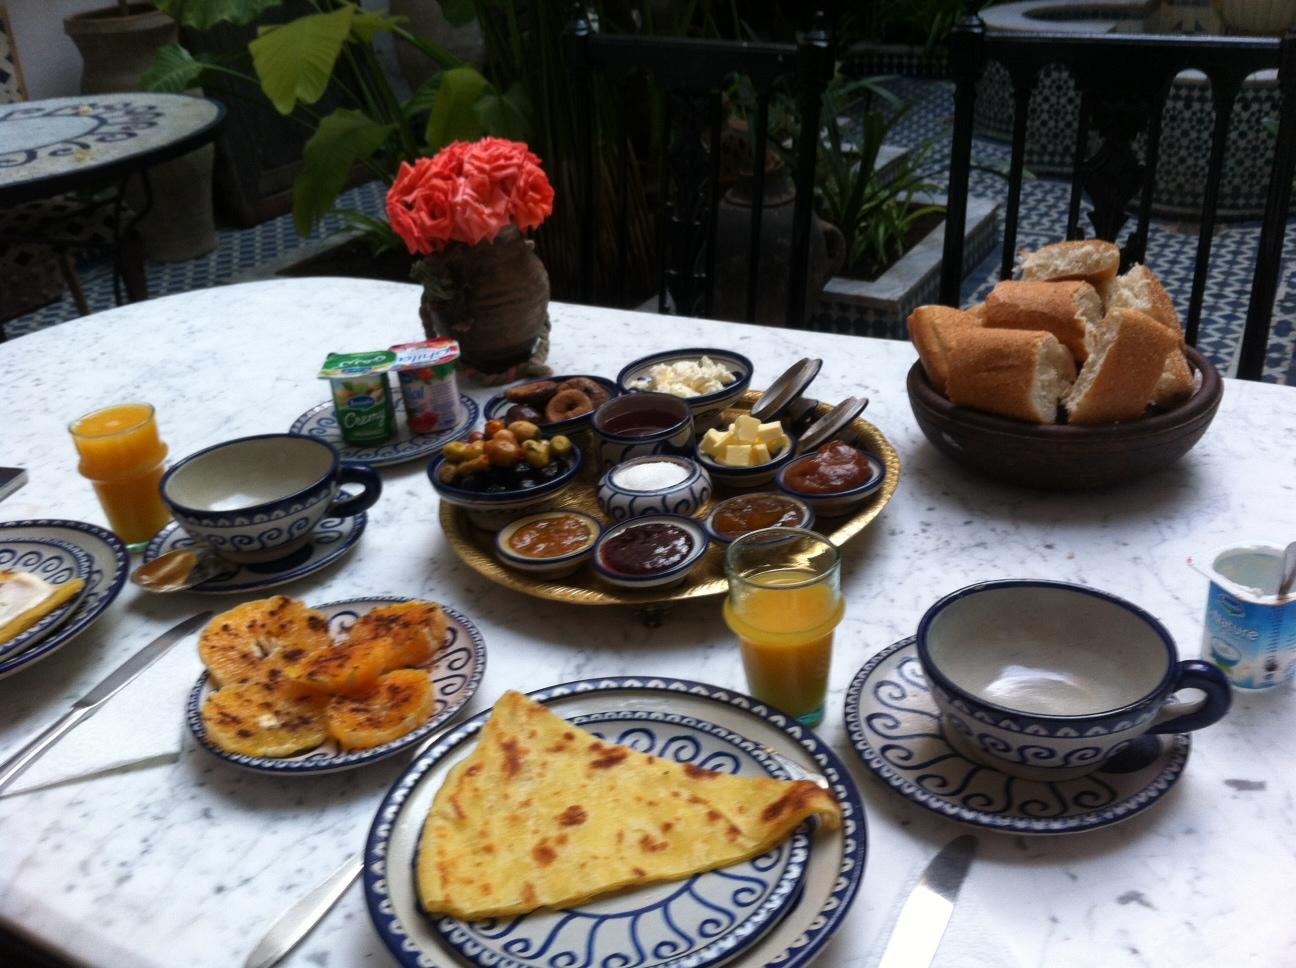 Breakfast in Fez